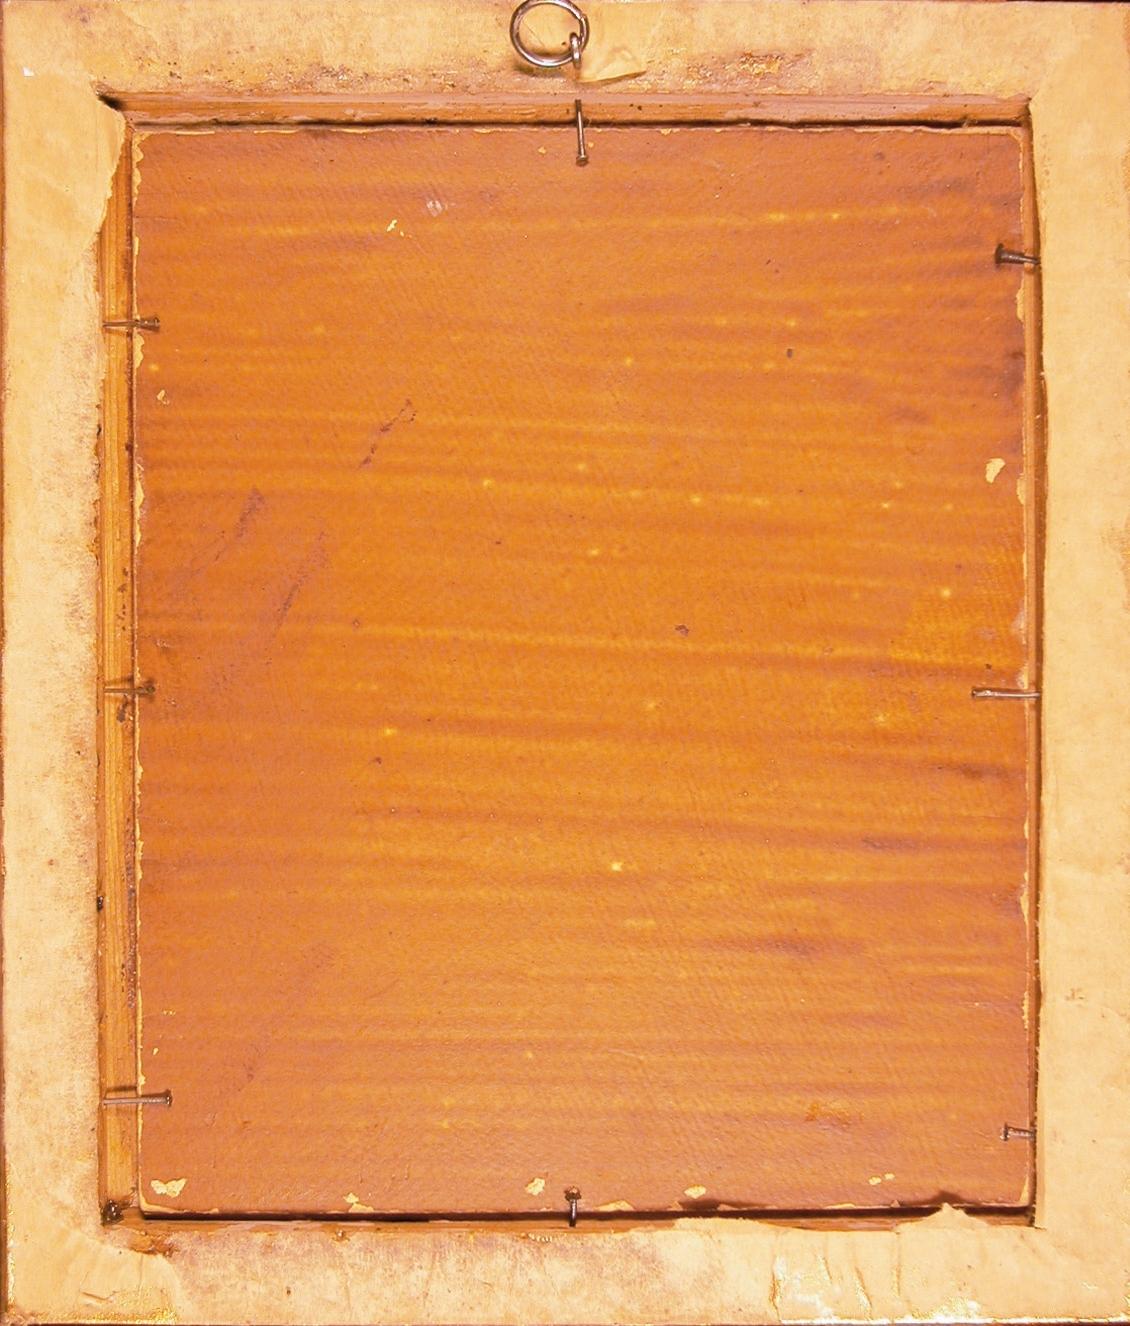 00001.JPG (1130×1326)